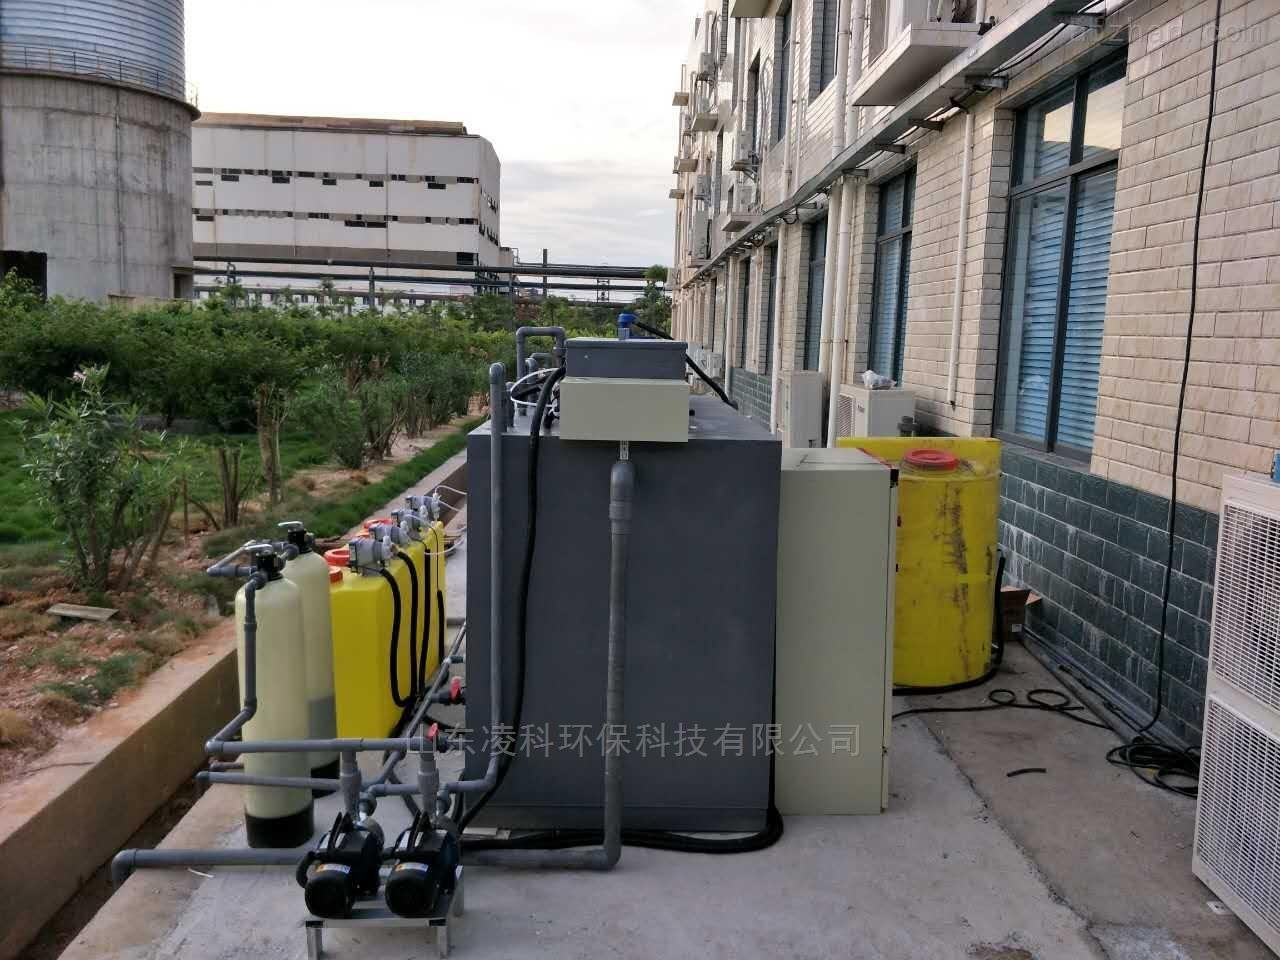 新乡实验室化学污水处理设备点击查看